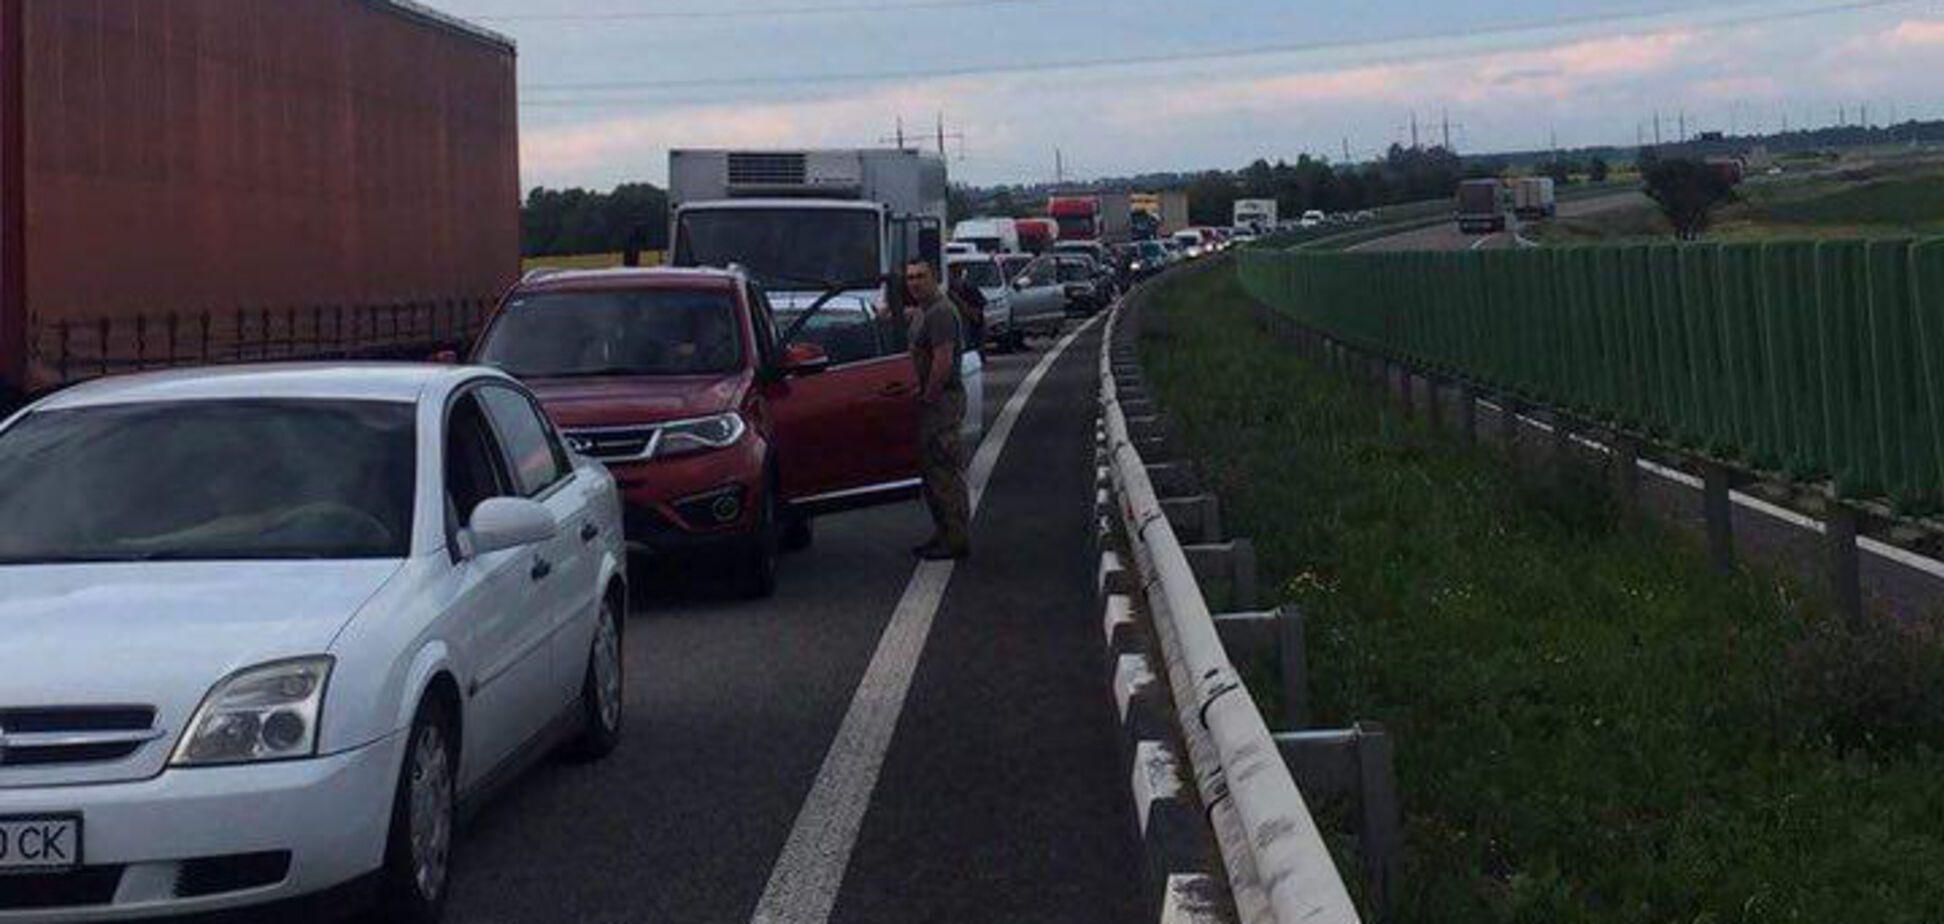 Разворачиваются в Киев: на трассе к Житомиру 'мертвая' пробка растянулась на 11 км